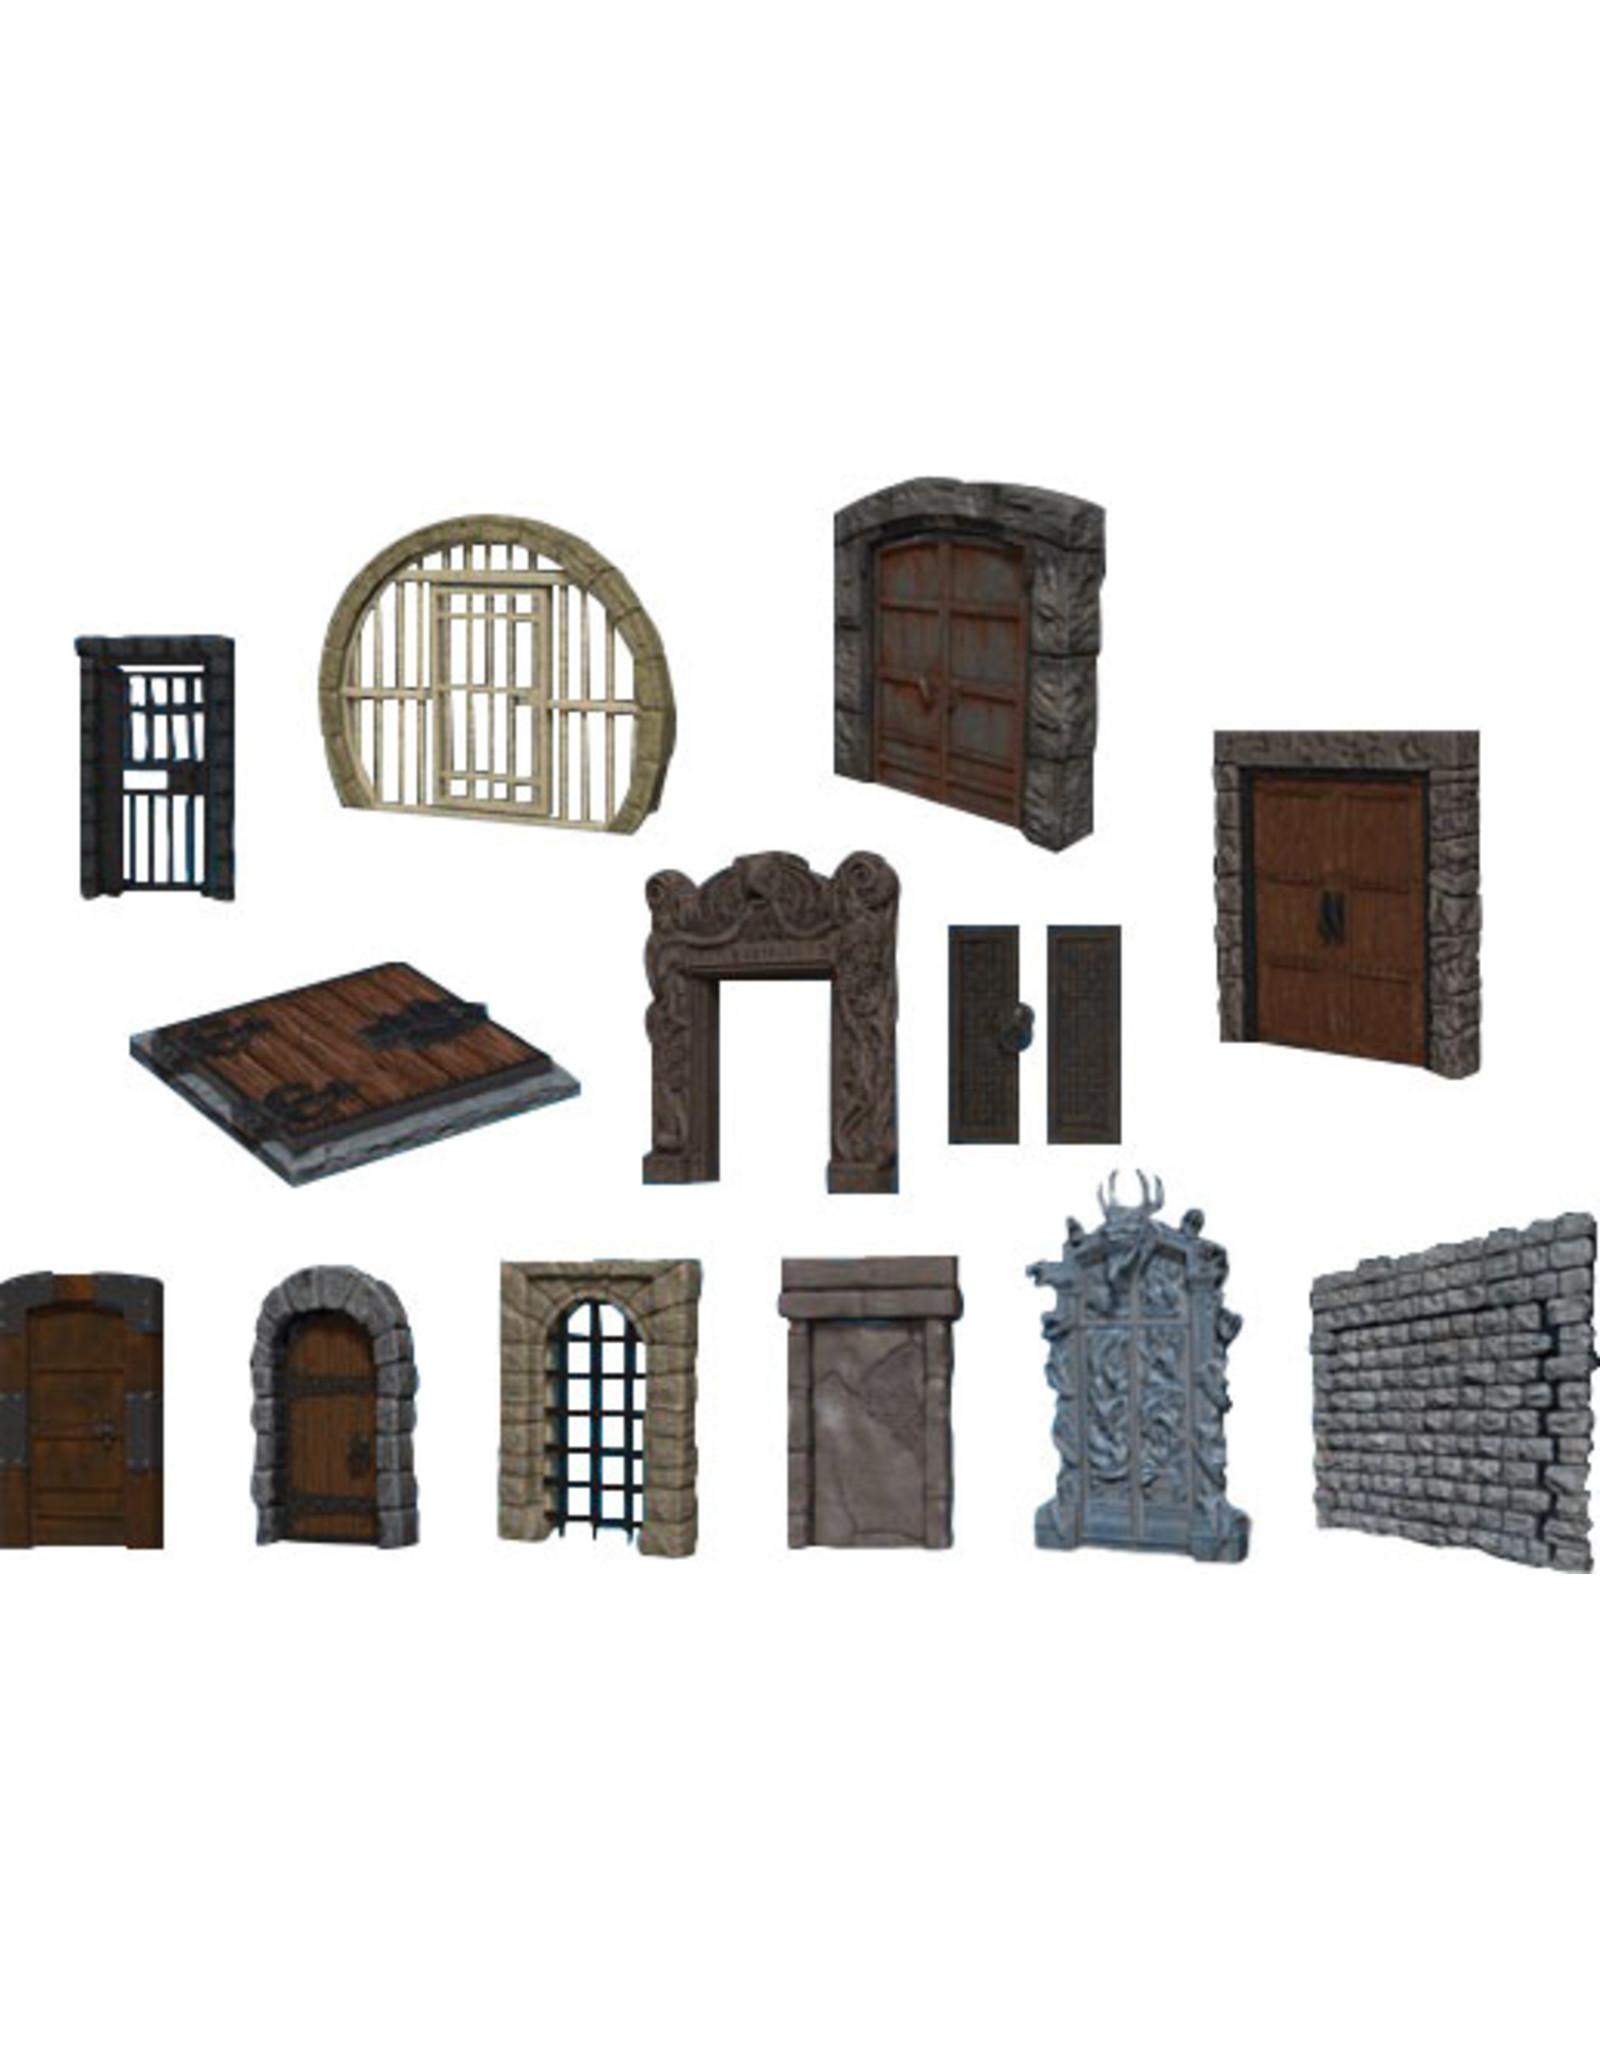 Wiz Kids WarLock Tiles: Doors & Archways